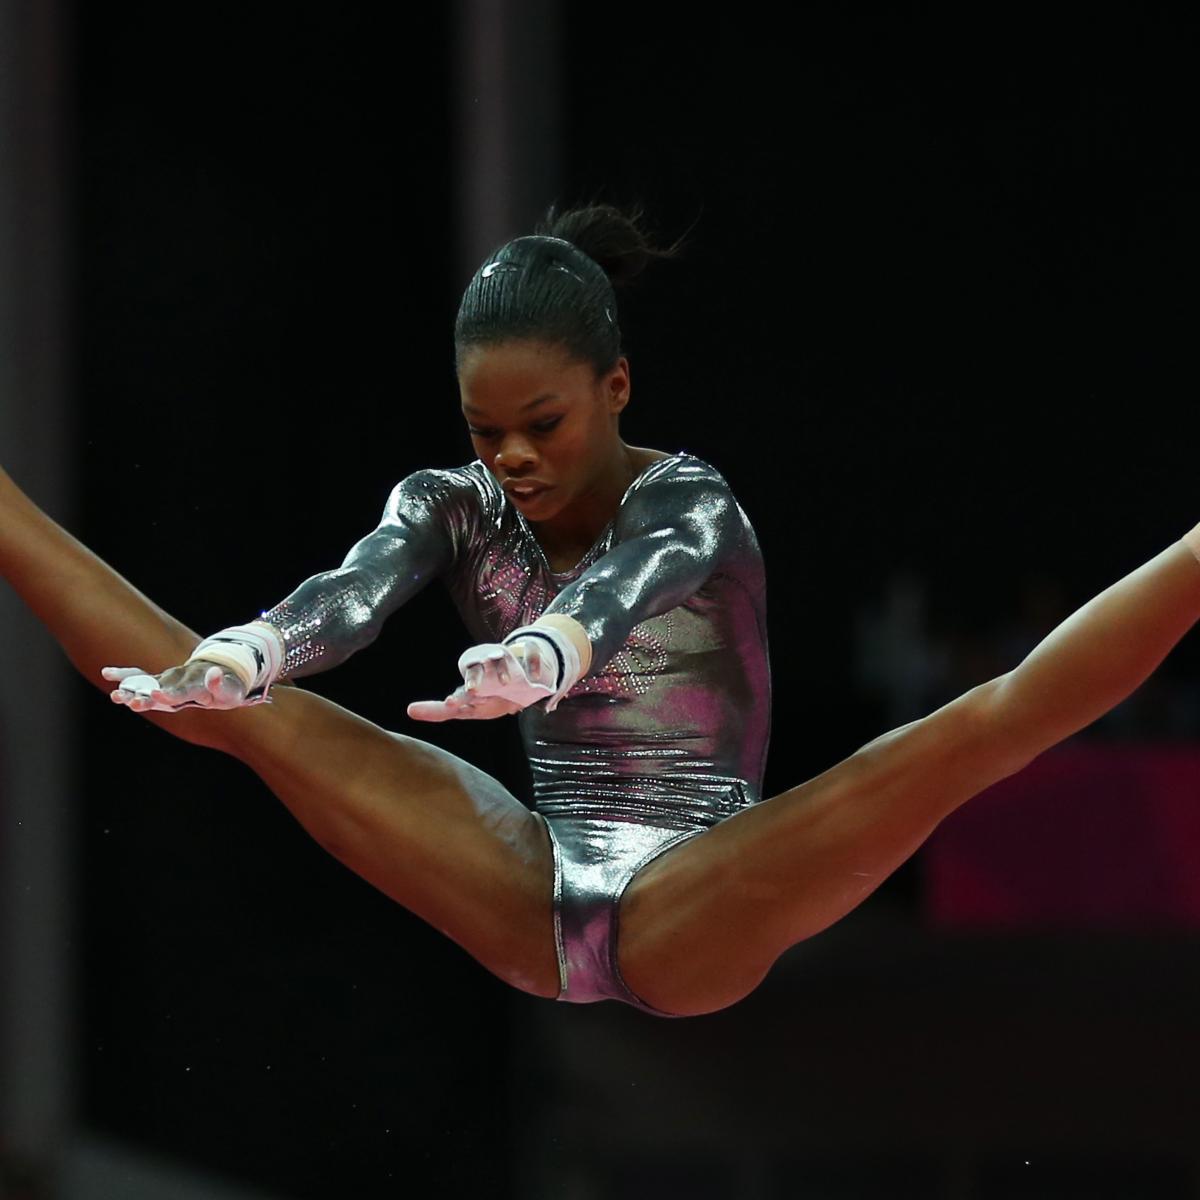 фото гимнастки с расстегнутой приятного поджаристого